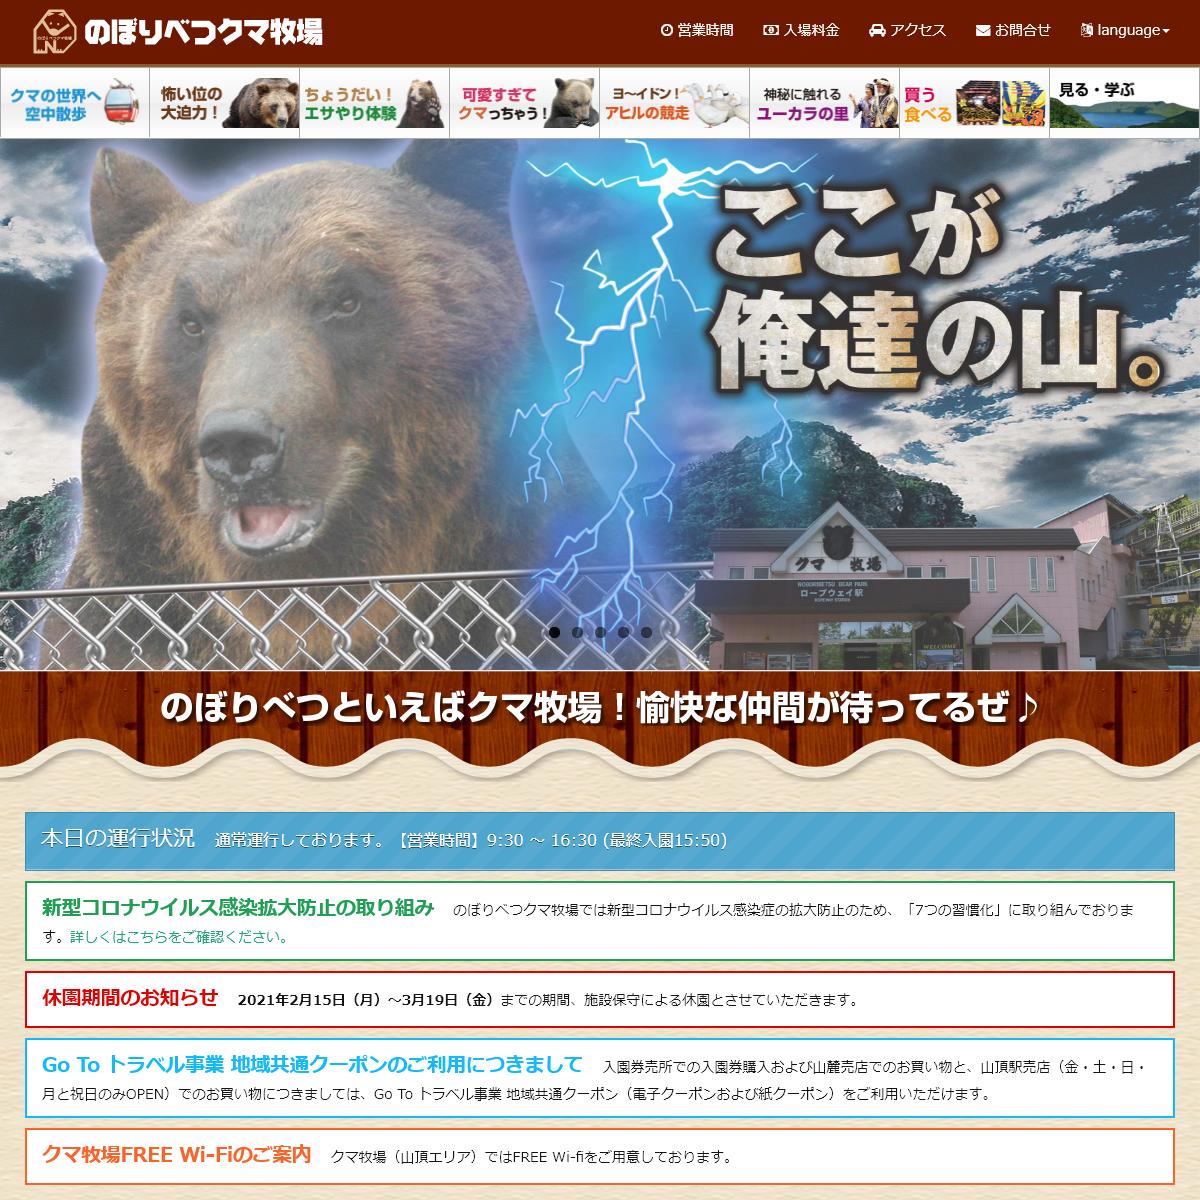 のぼりべつクマ牧場 公式サイト|北海道の登別温泉街よりロープウェイ約7分